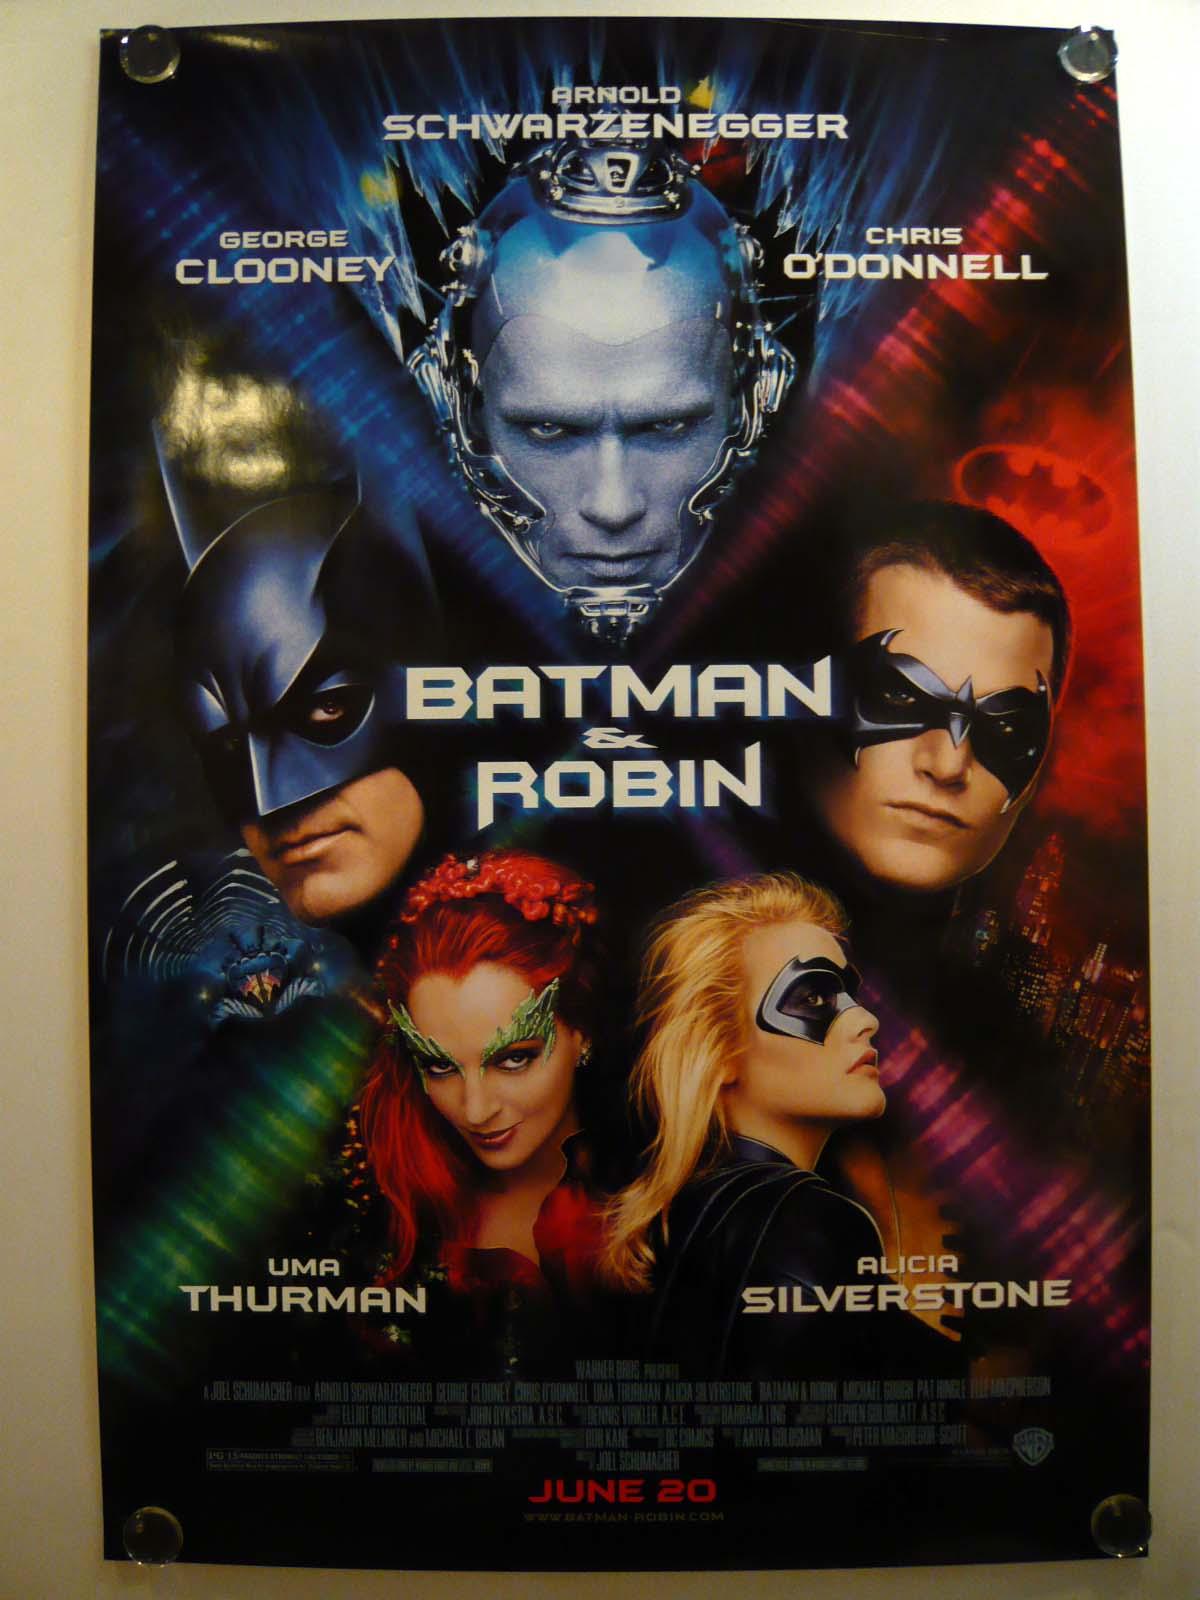 ロビン (バットマン)の画像 p1_38